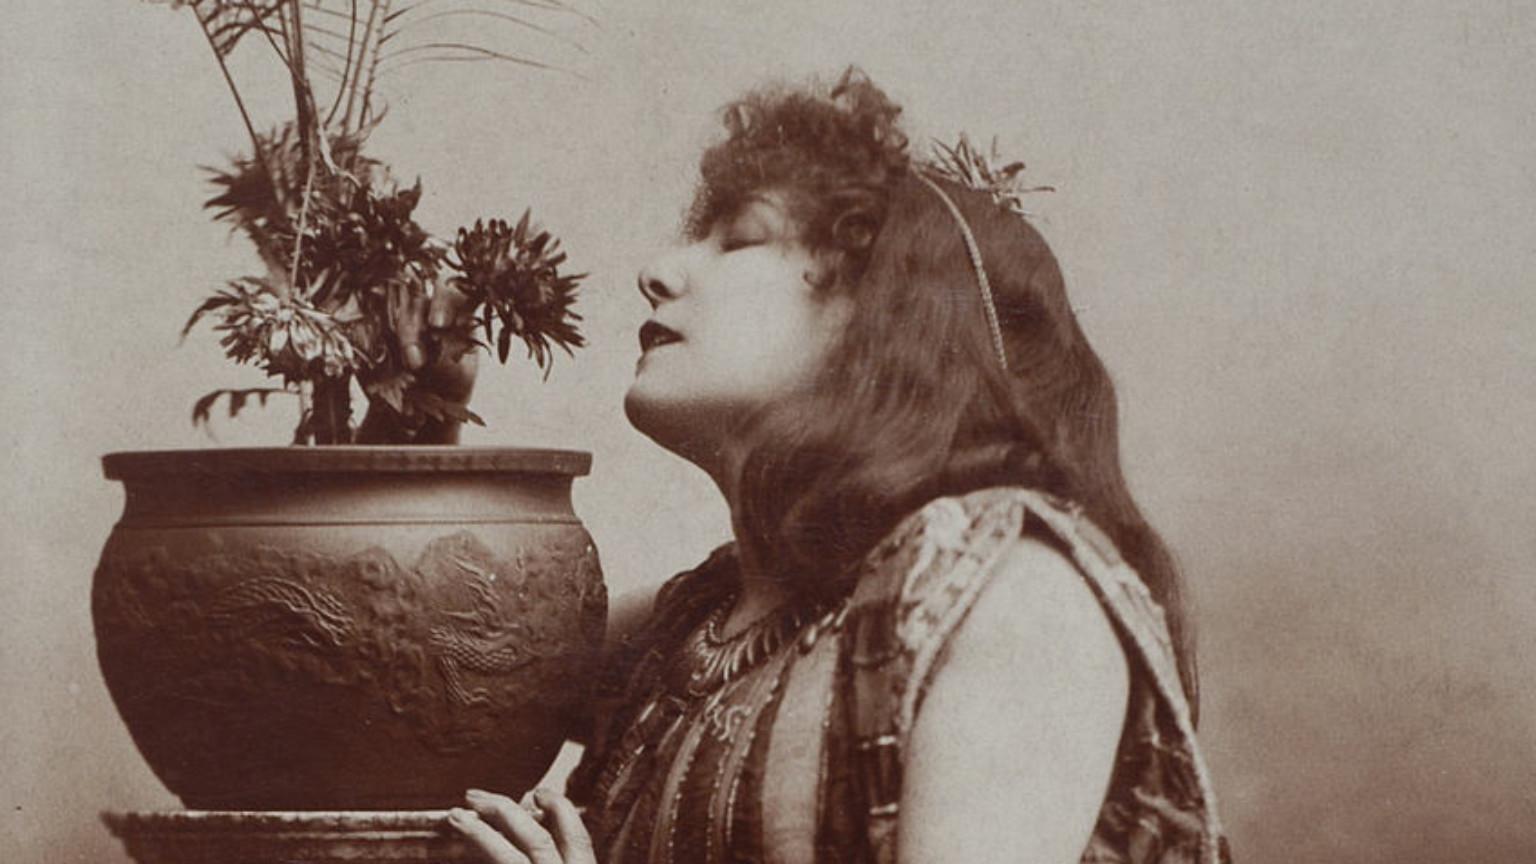 Zdjęcie dla kartki: Cykl występów Sary Bernhardt